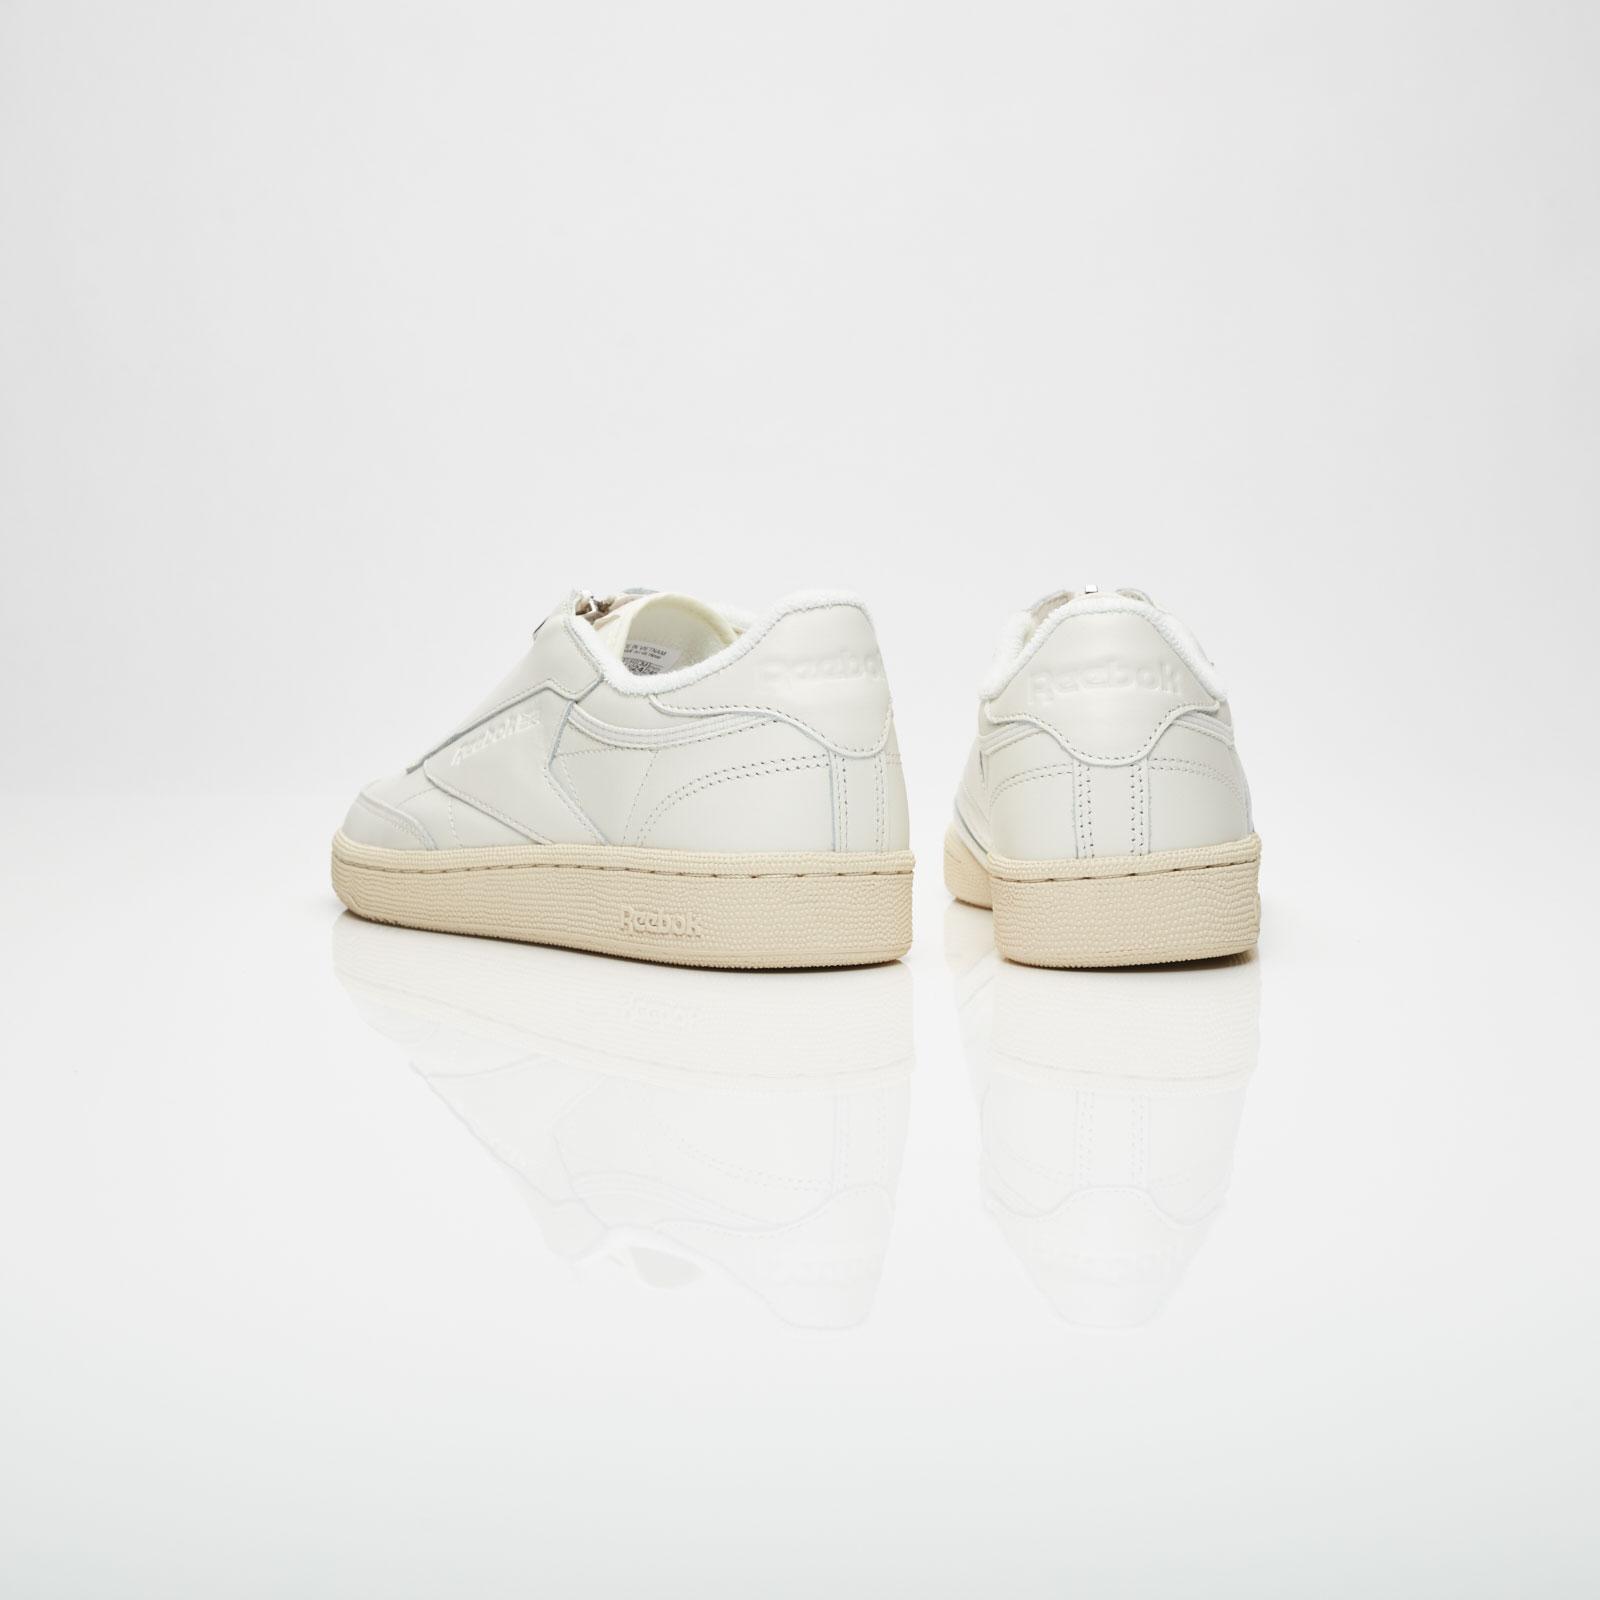 3a809918768 Reebok Club C 85 Zip - Bs6612 - Sneakersnstuff